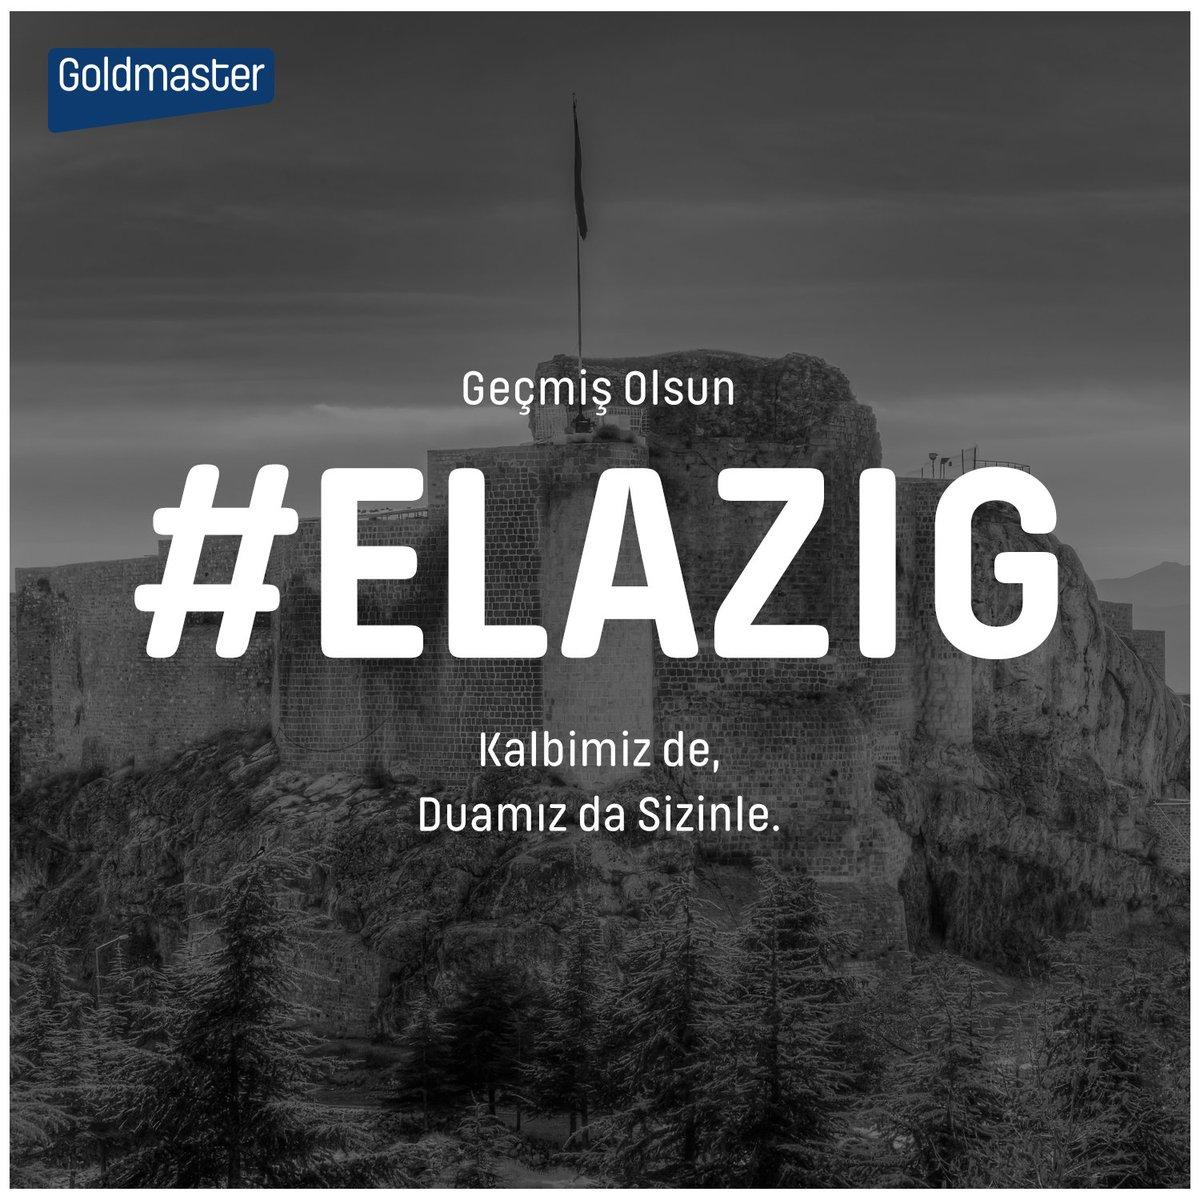 Geçmiş olsun #Elazig . Kalbimiz de, dualarımız da sizinle. #elaziğ #elazığ #deprem https://t.co/VVSVBW0GFh